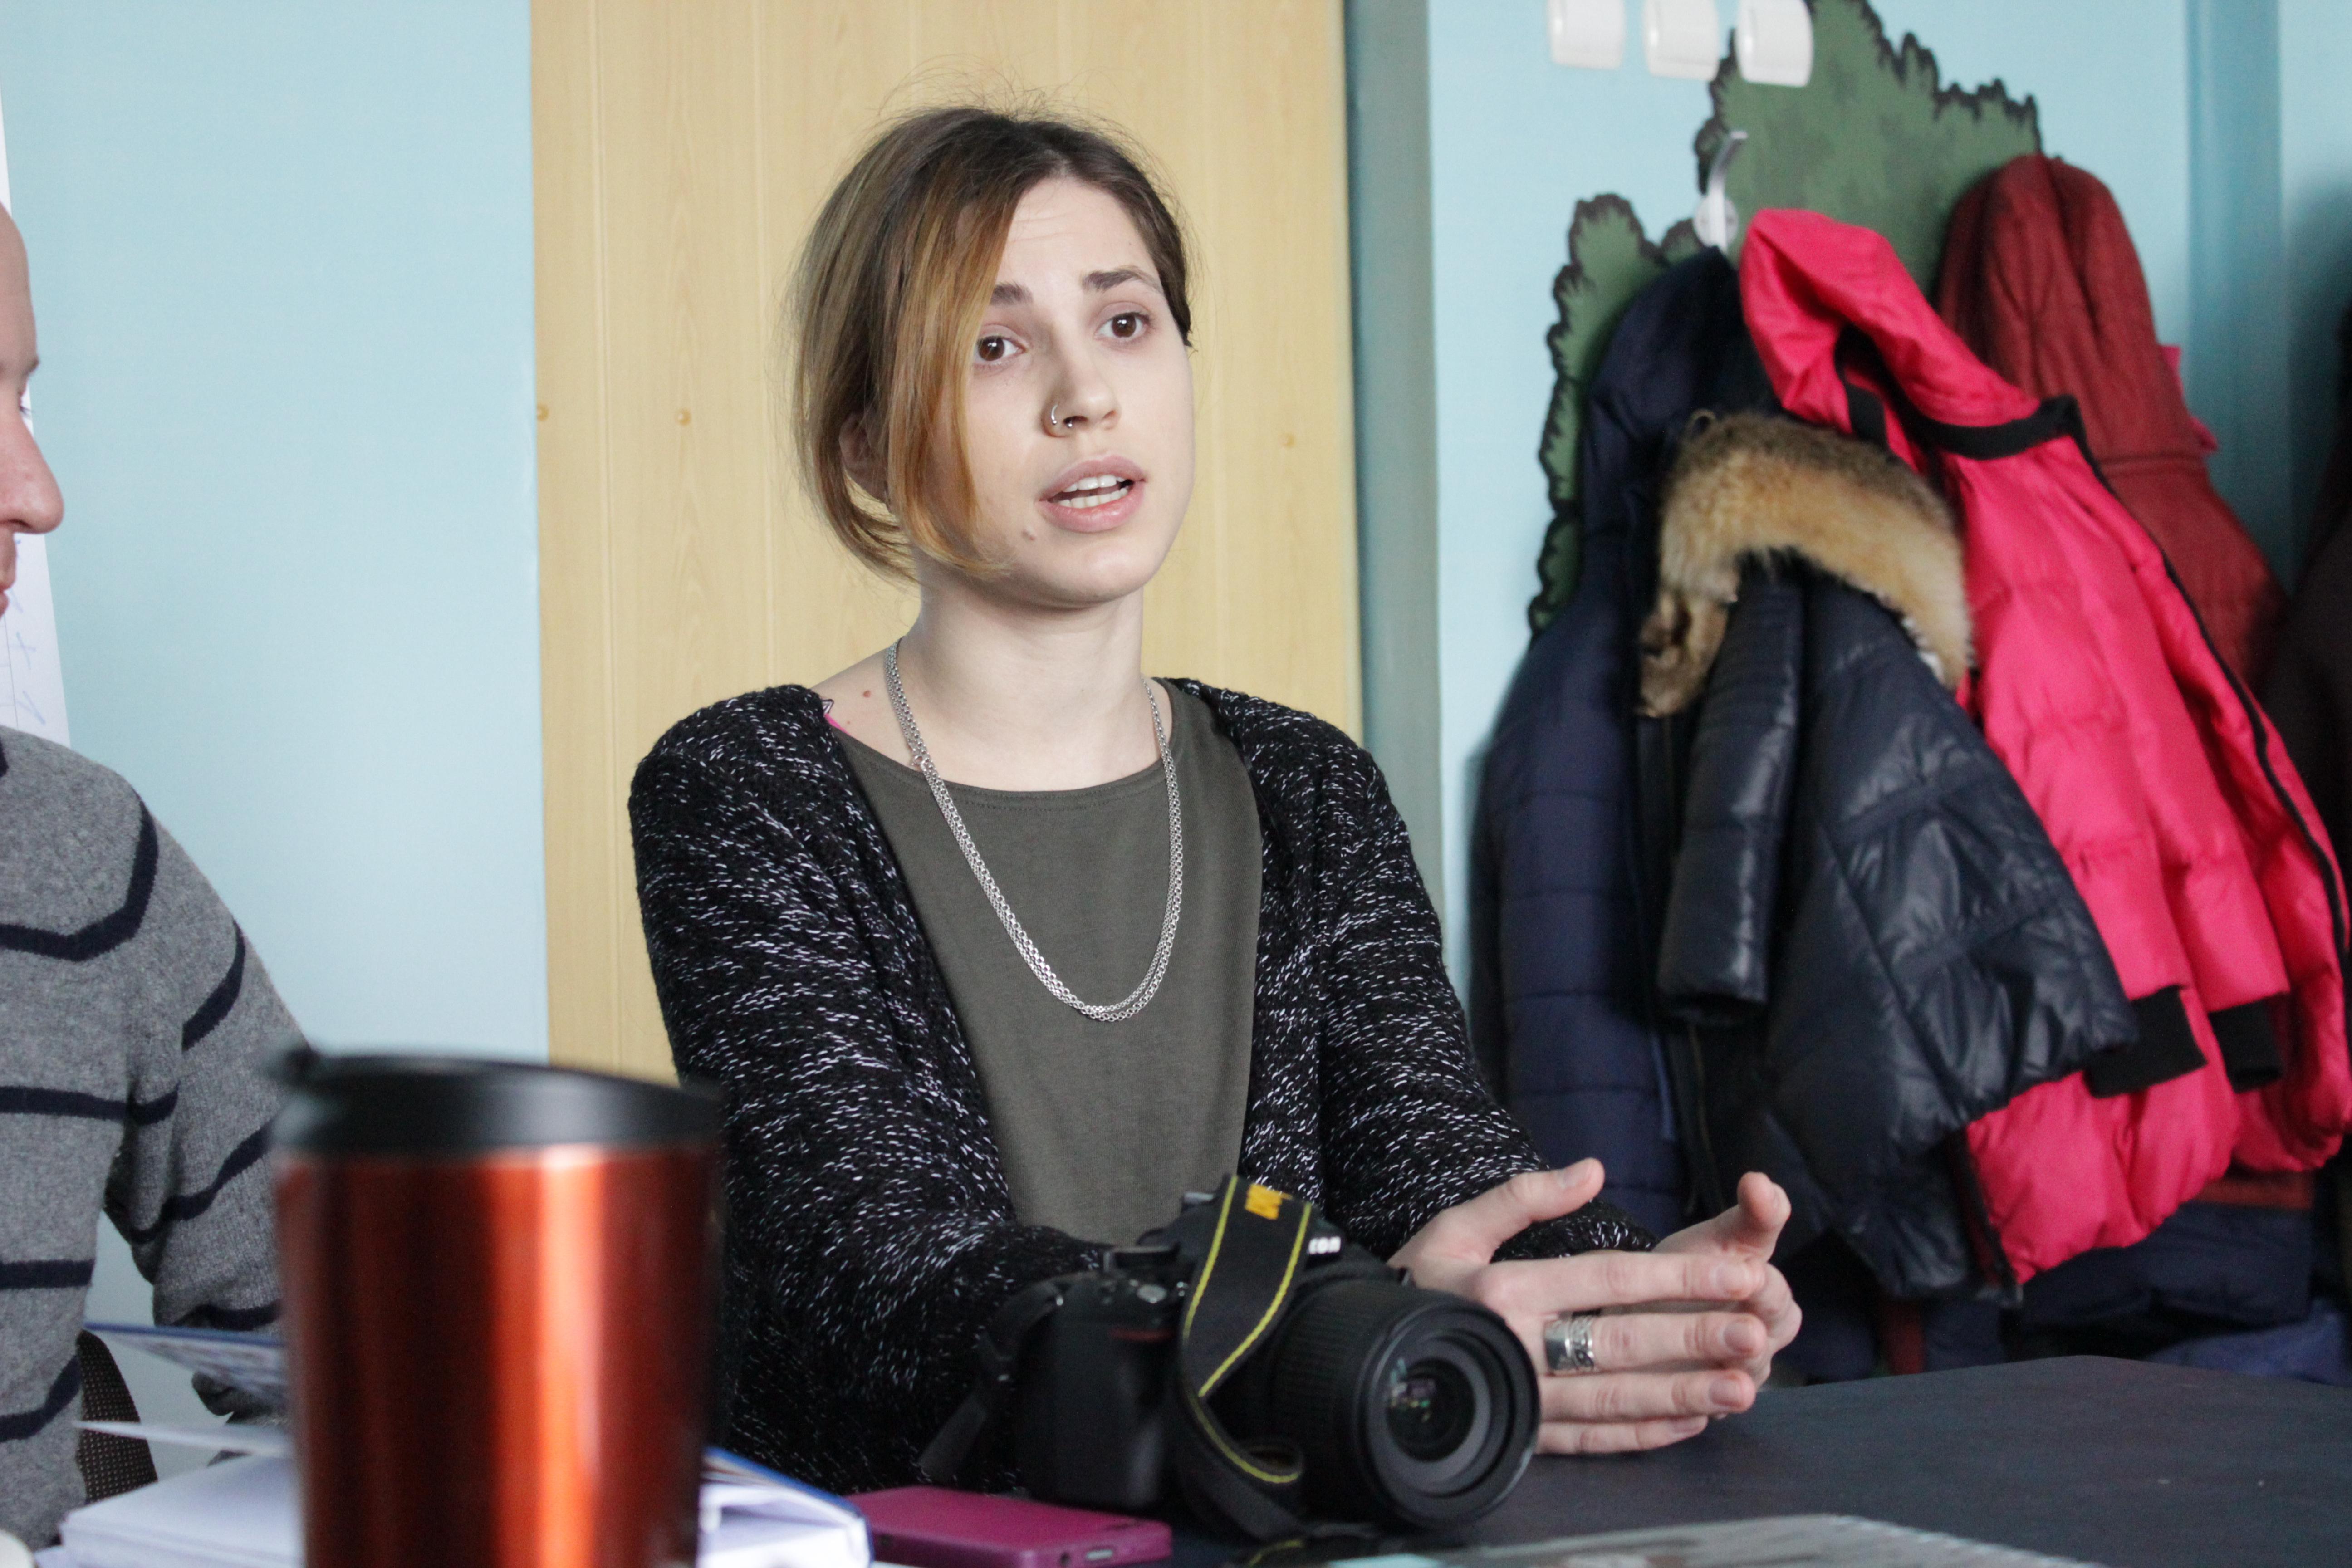 """Лідер Херсонської молодіжної ініціативної групи """"Кип'яток"""" Анастасія Супрун акцентує увагу на важливості формування у молоді критичного сприйняття та аналізу інформації в медіа"""